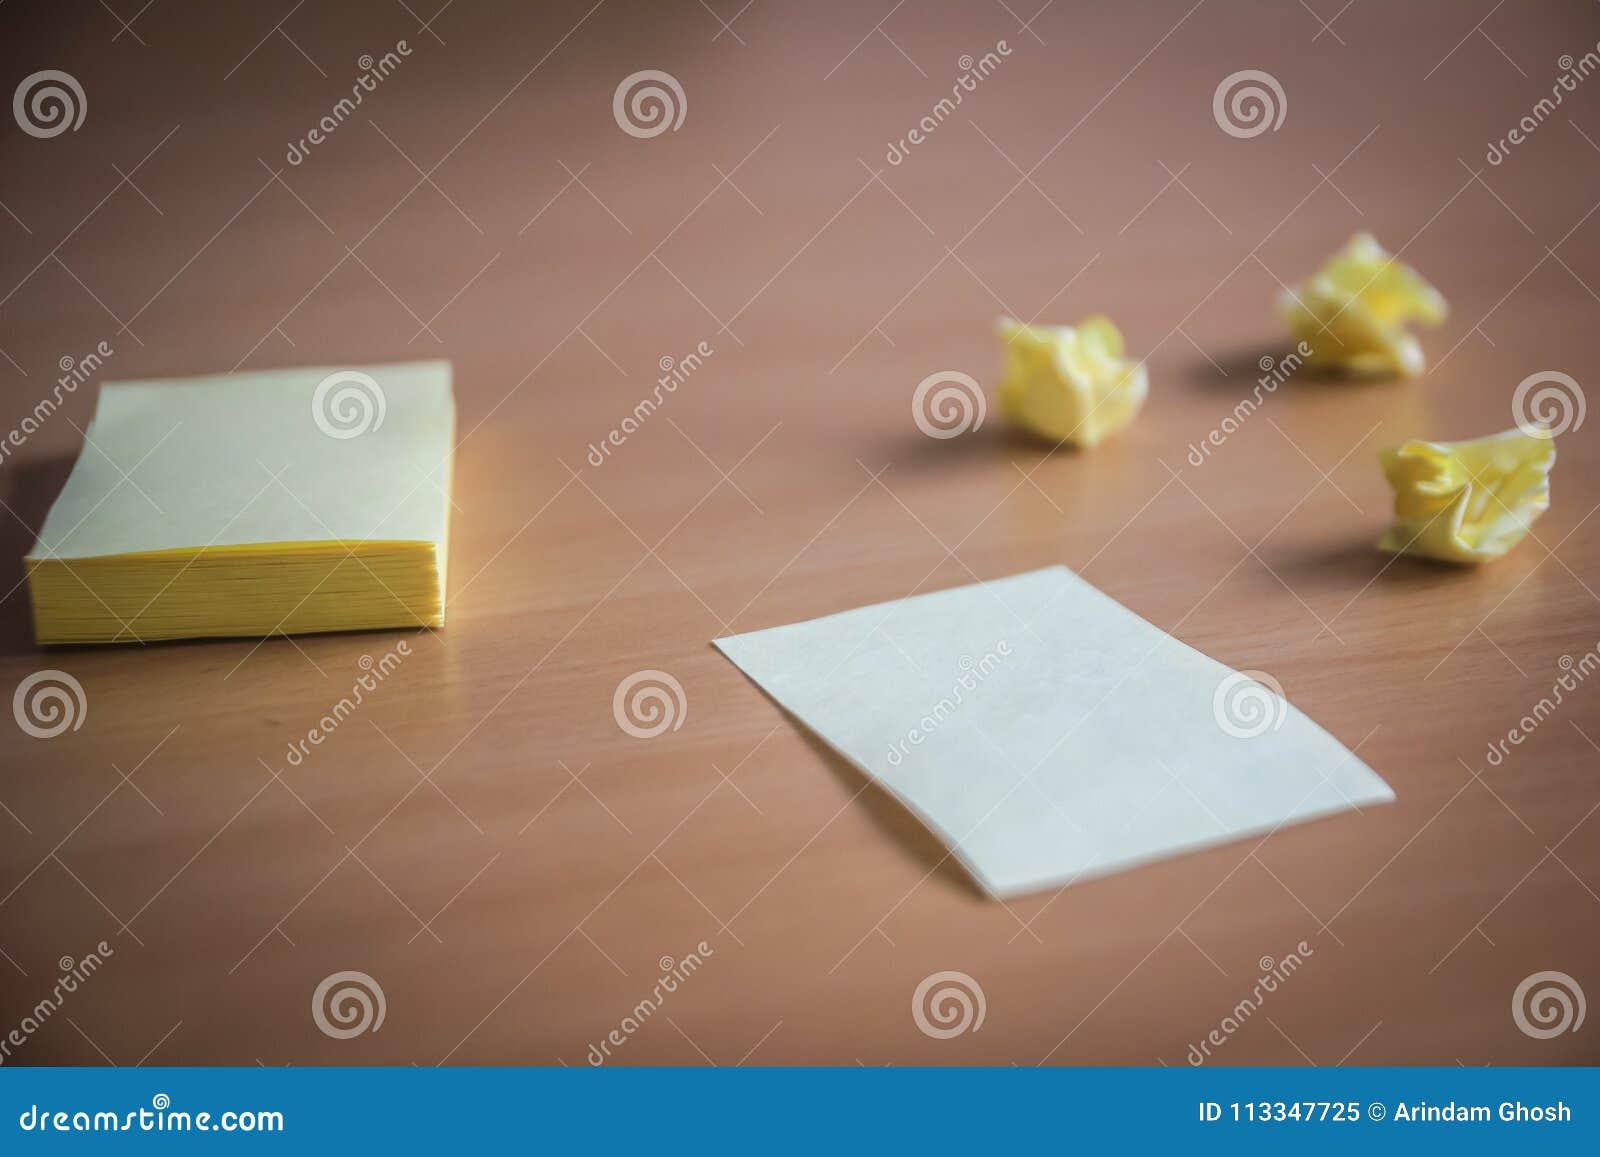 Sammlung von Stiften und von Briefpapierbündel und lose Papiere auf hölzernem Brett Seitenansicht bereit, Ihren Text zu füllen un